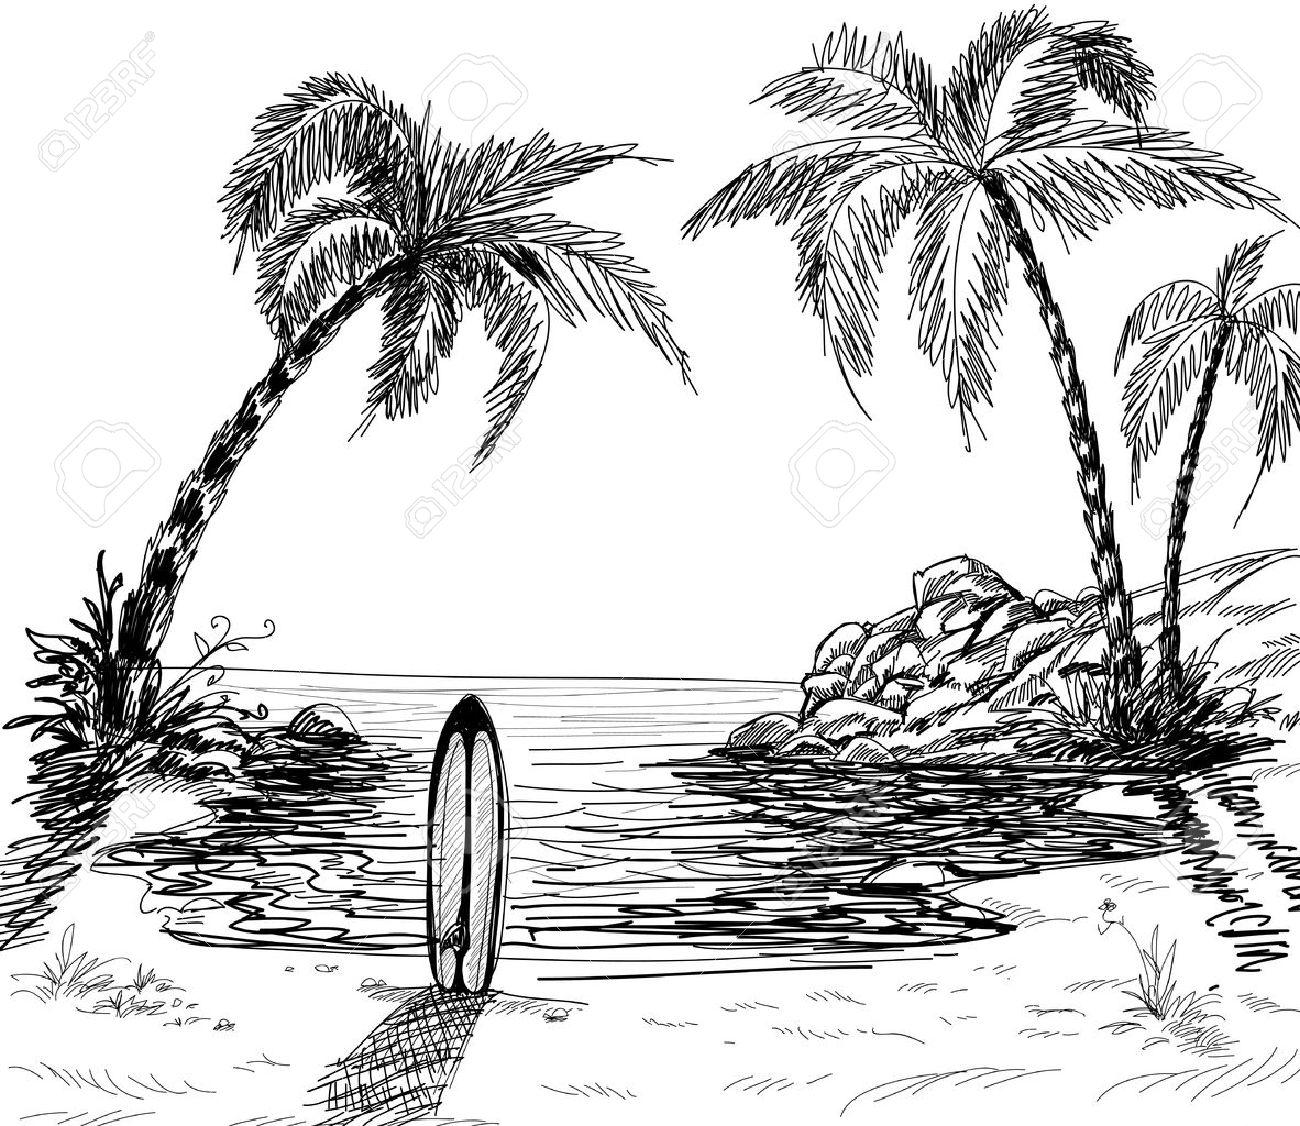 banque dimages paysage marin dessin avec palmiers et planche de surf dans le sable